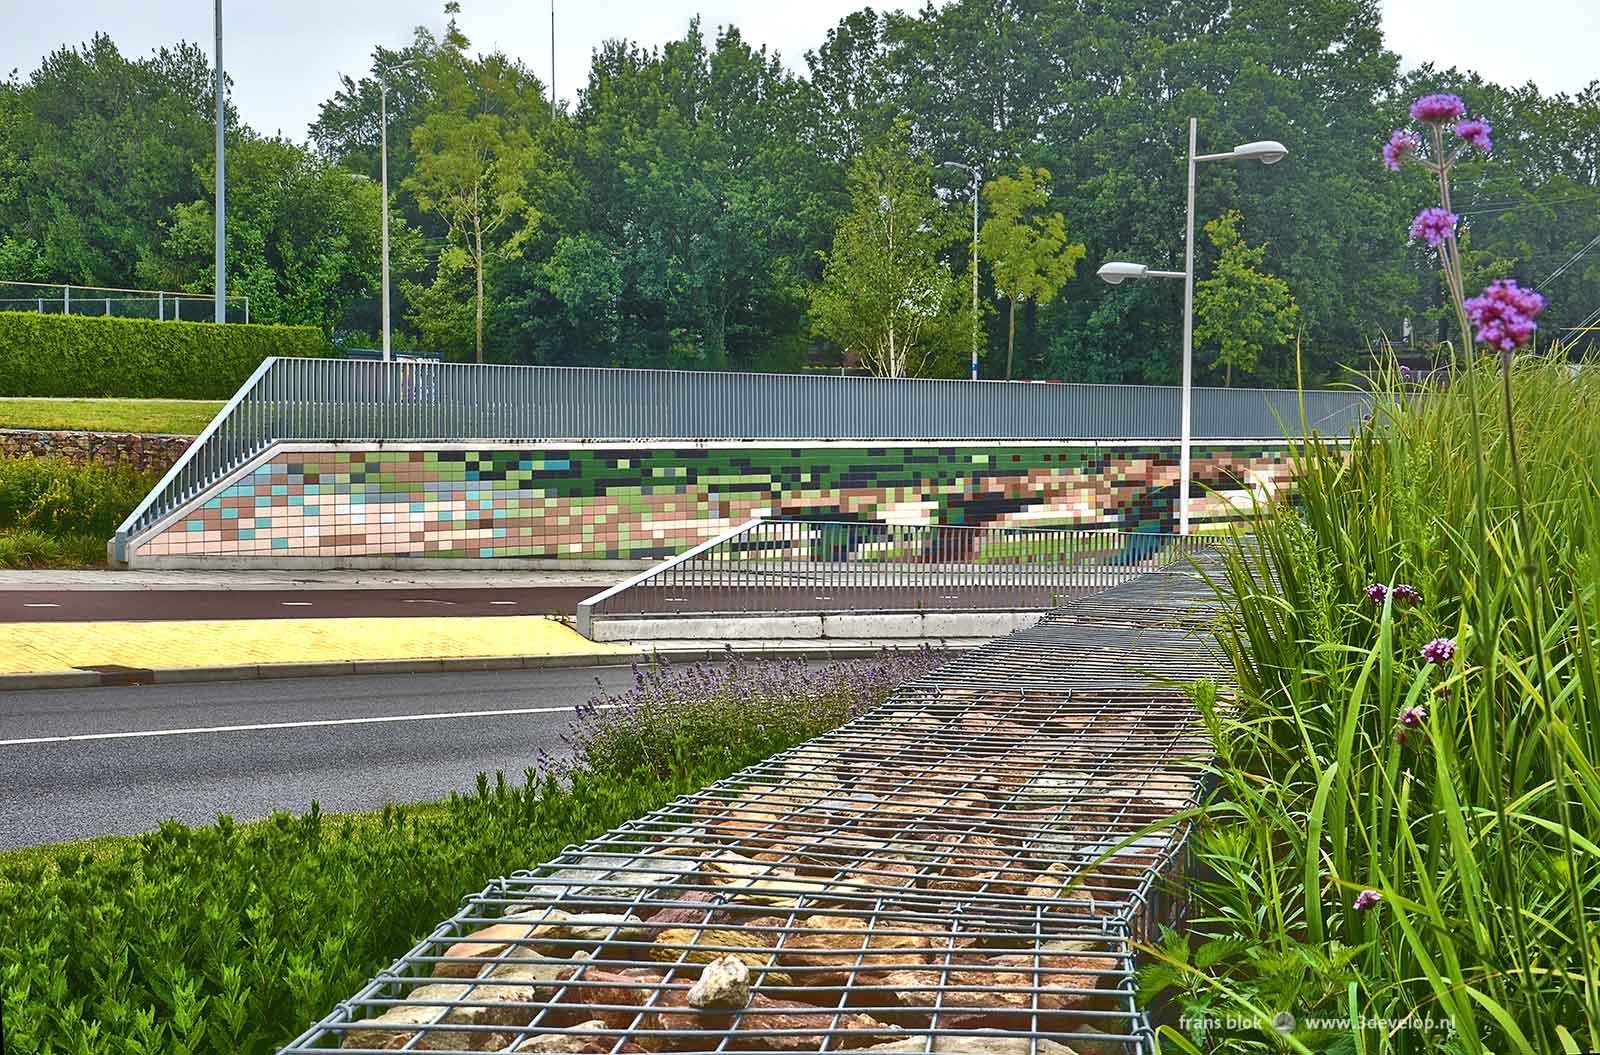 Foto vanuit het zuiden van de Van Kregtentunnel in Wierden, die de landschappelijke inpassing met schanskorven en beplanting laat zien